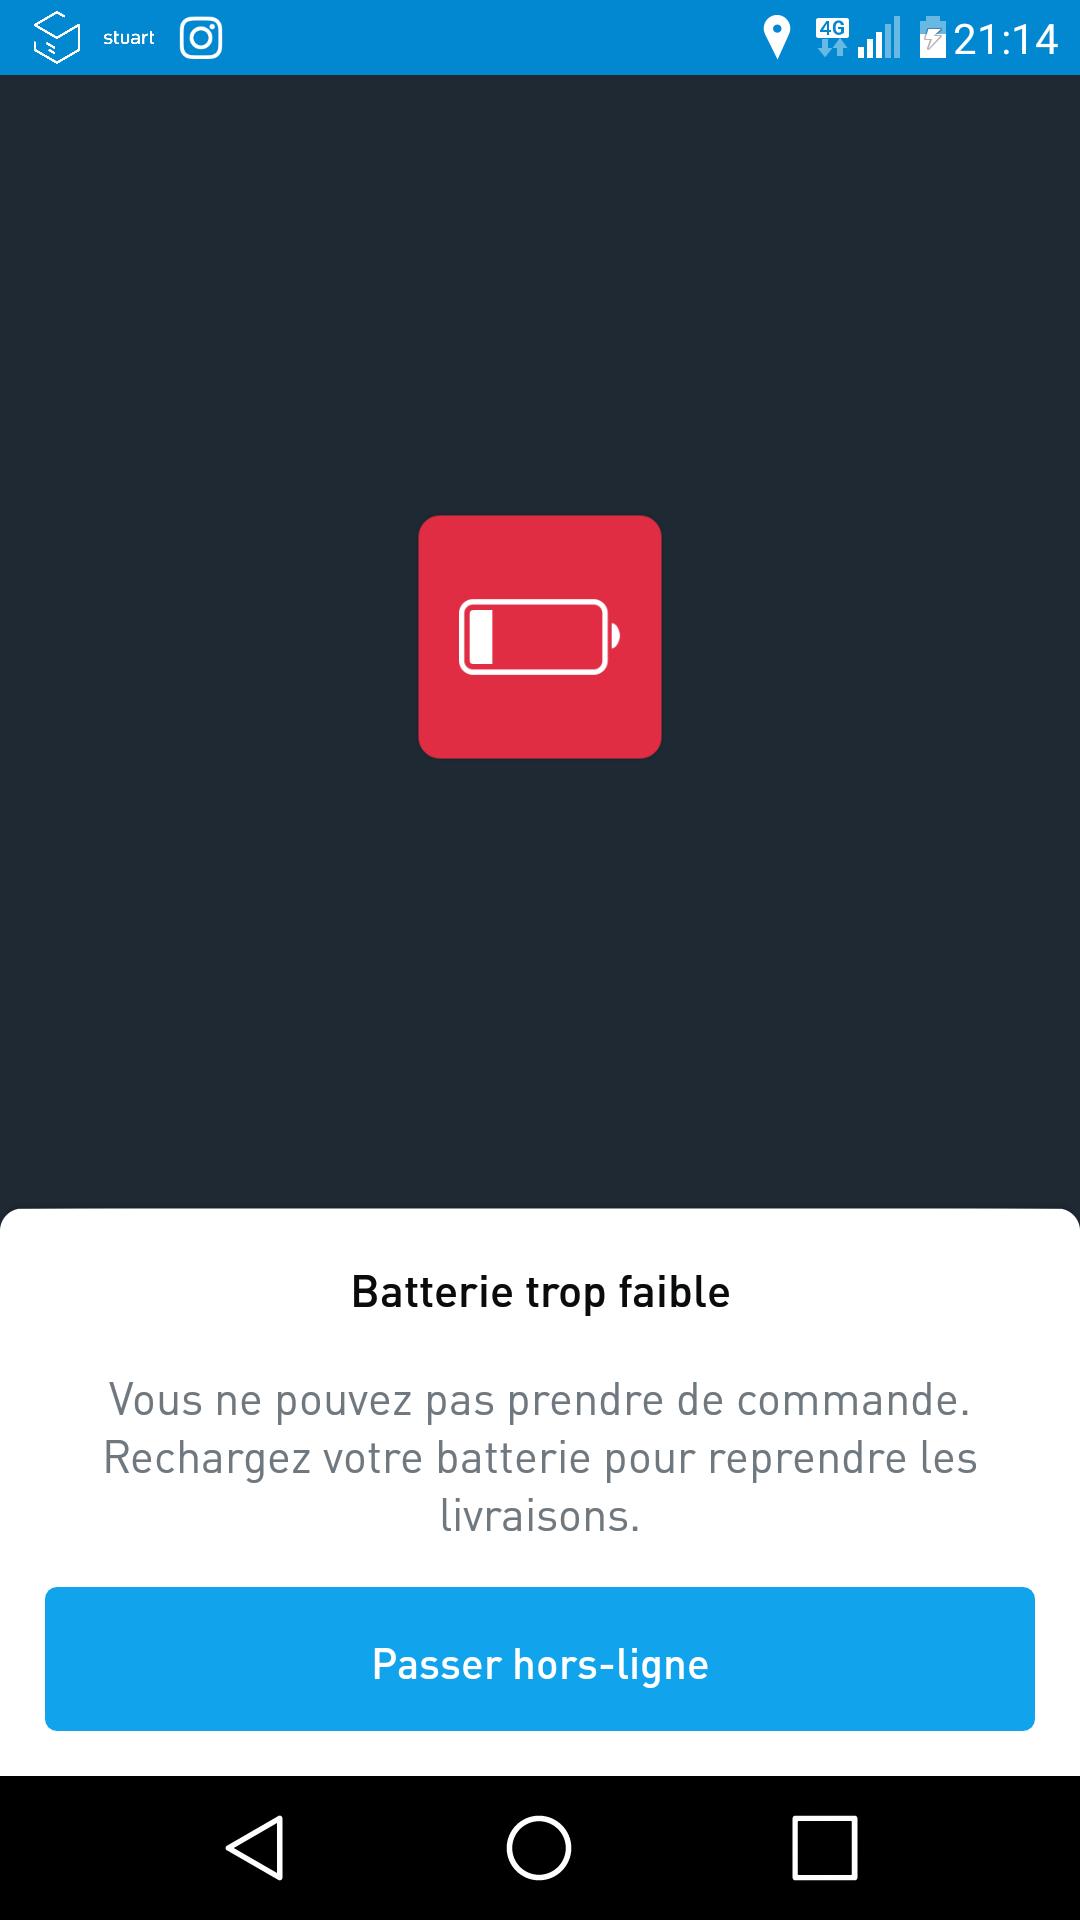 Une batterie qui tombe sous les 15% entraîne une déconnexion de l'appli de livraison.